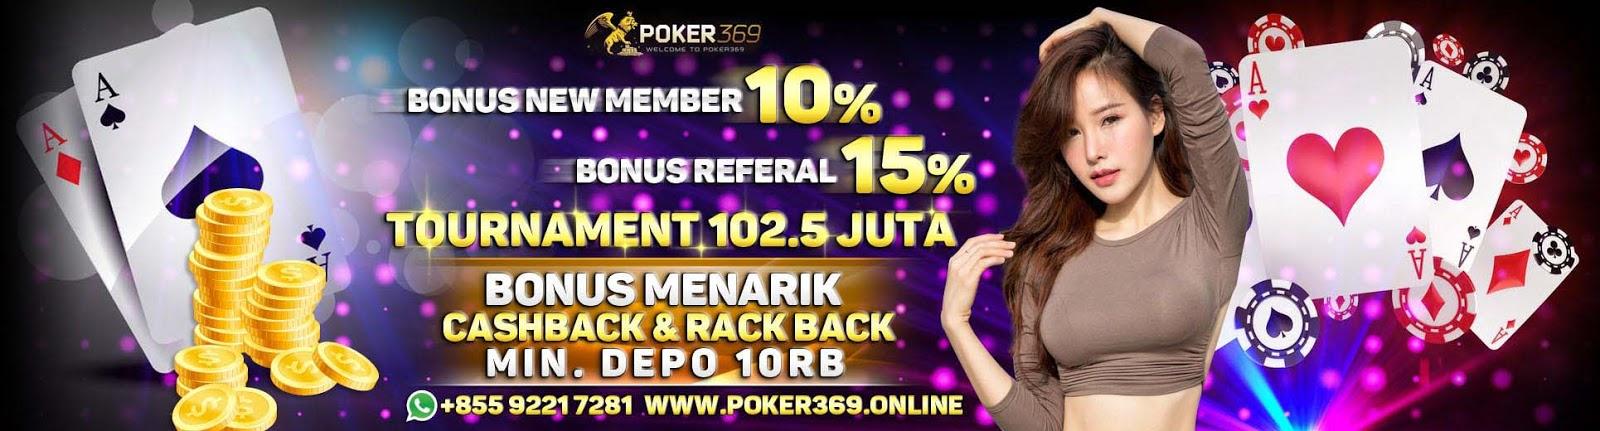 Poker Online SPORTS369